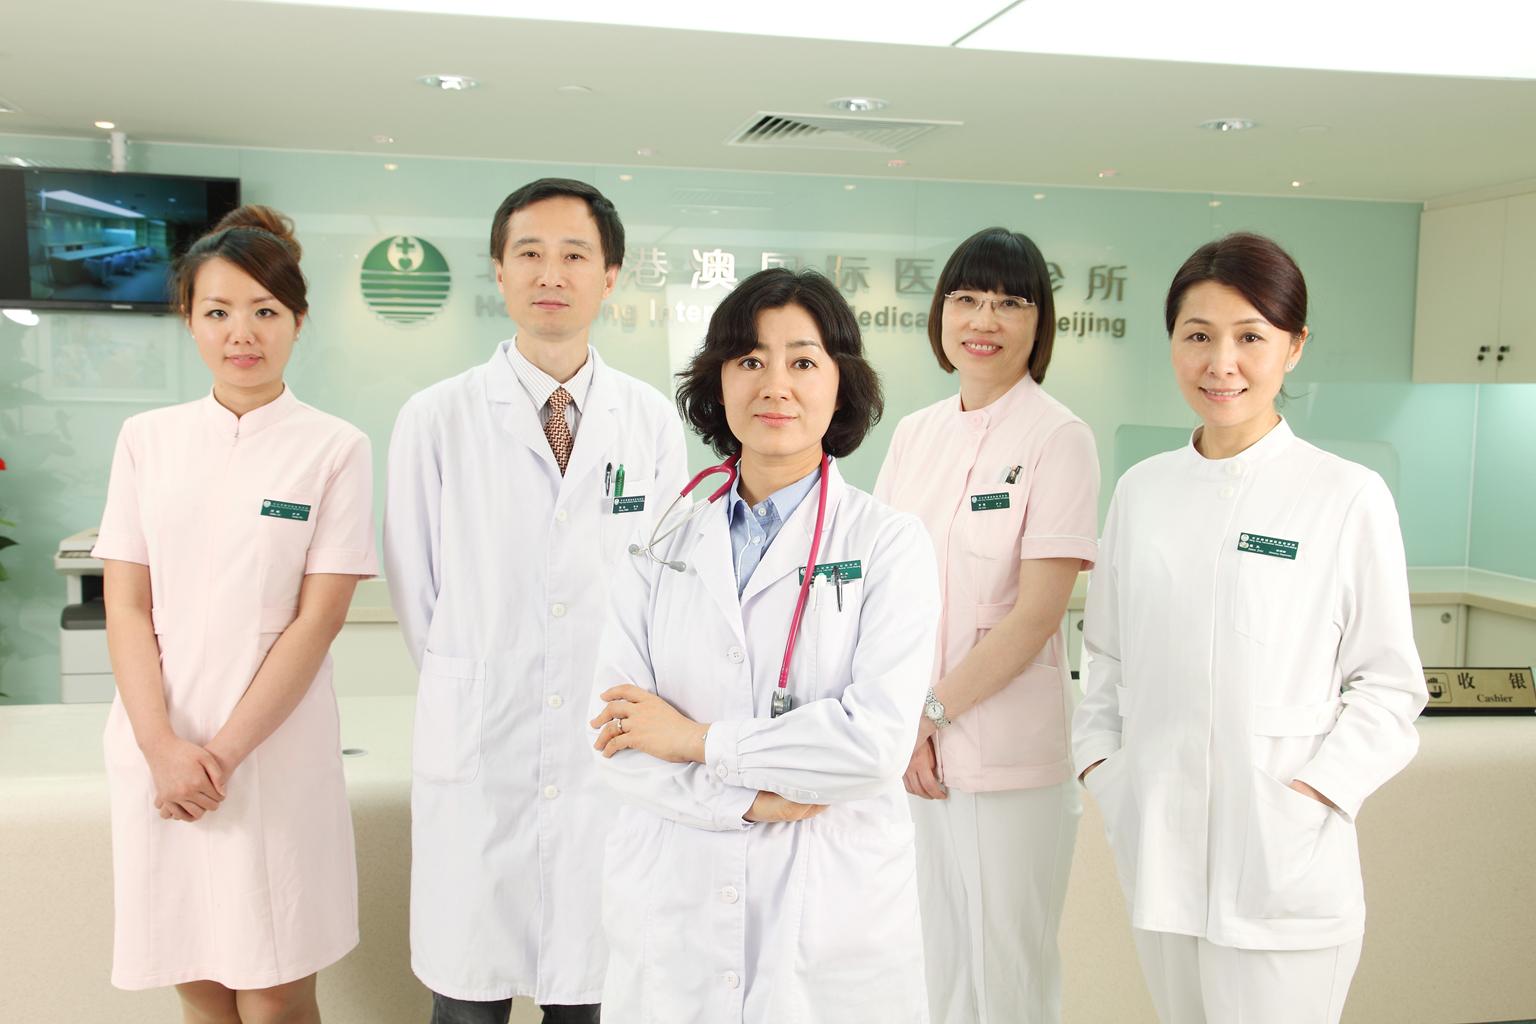 Работа в Китае отзывы, условия жизни, цены - медицина в Китае